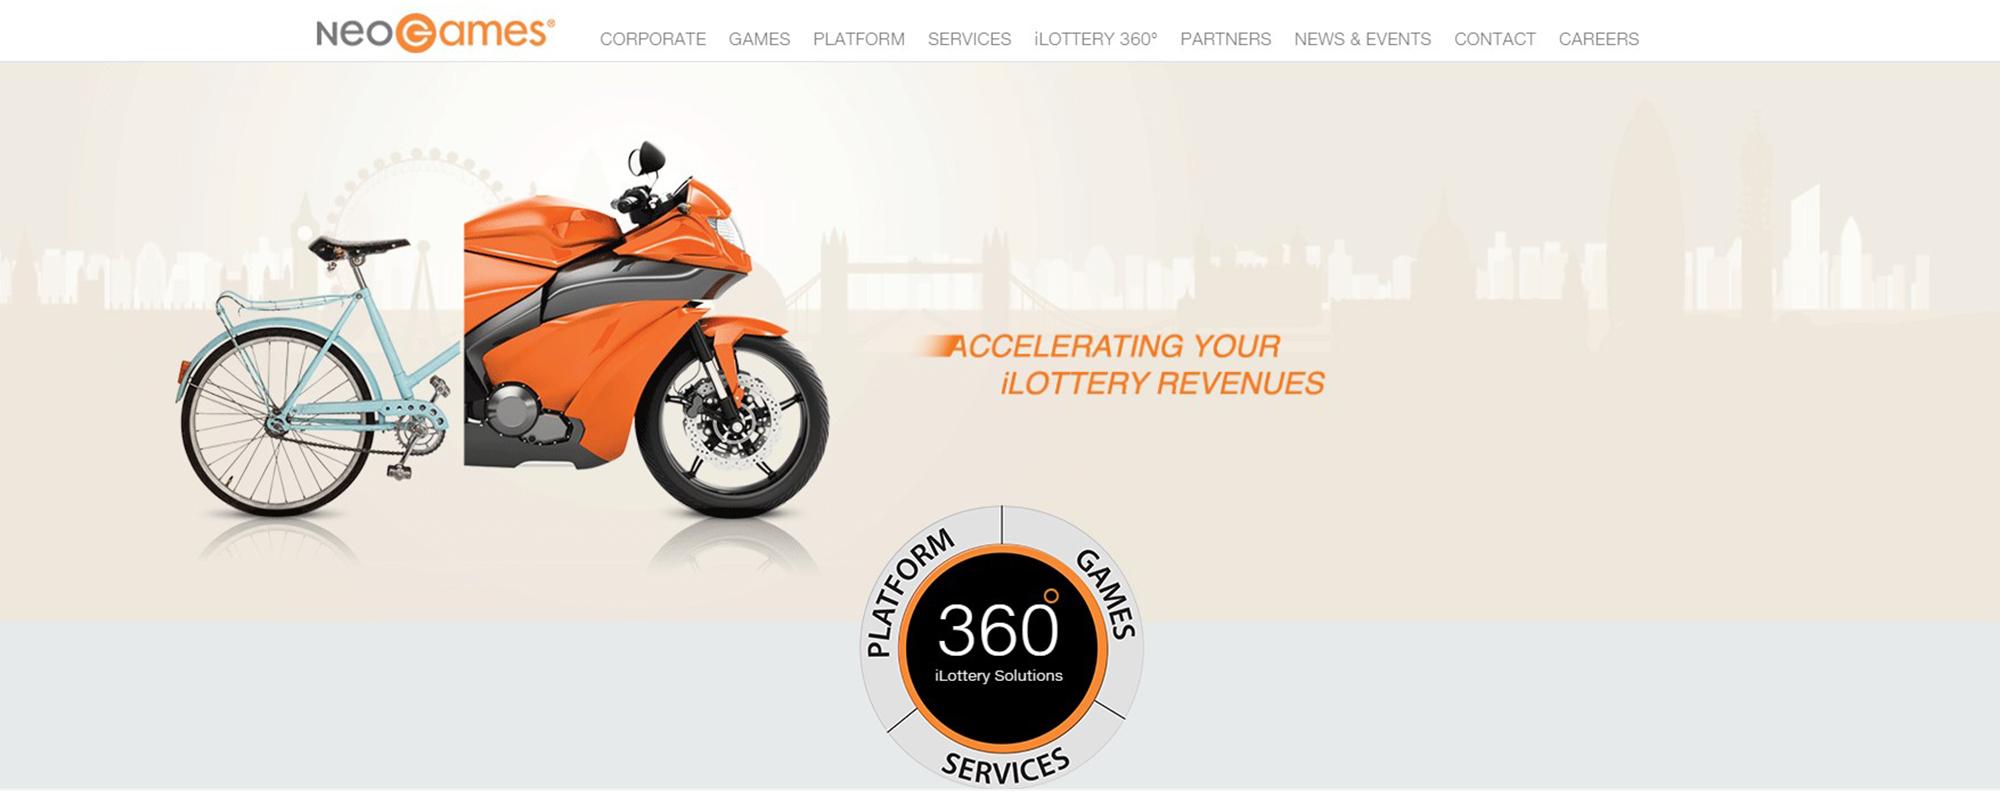 gratis online casino spiele mobile casino deutsch